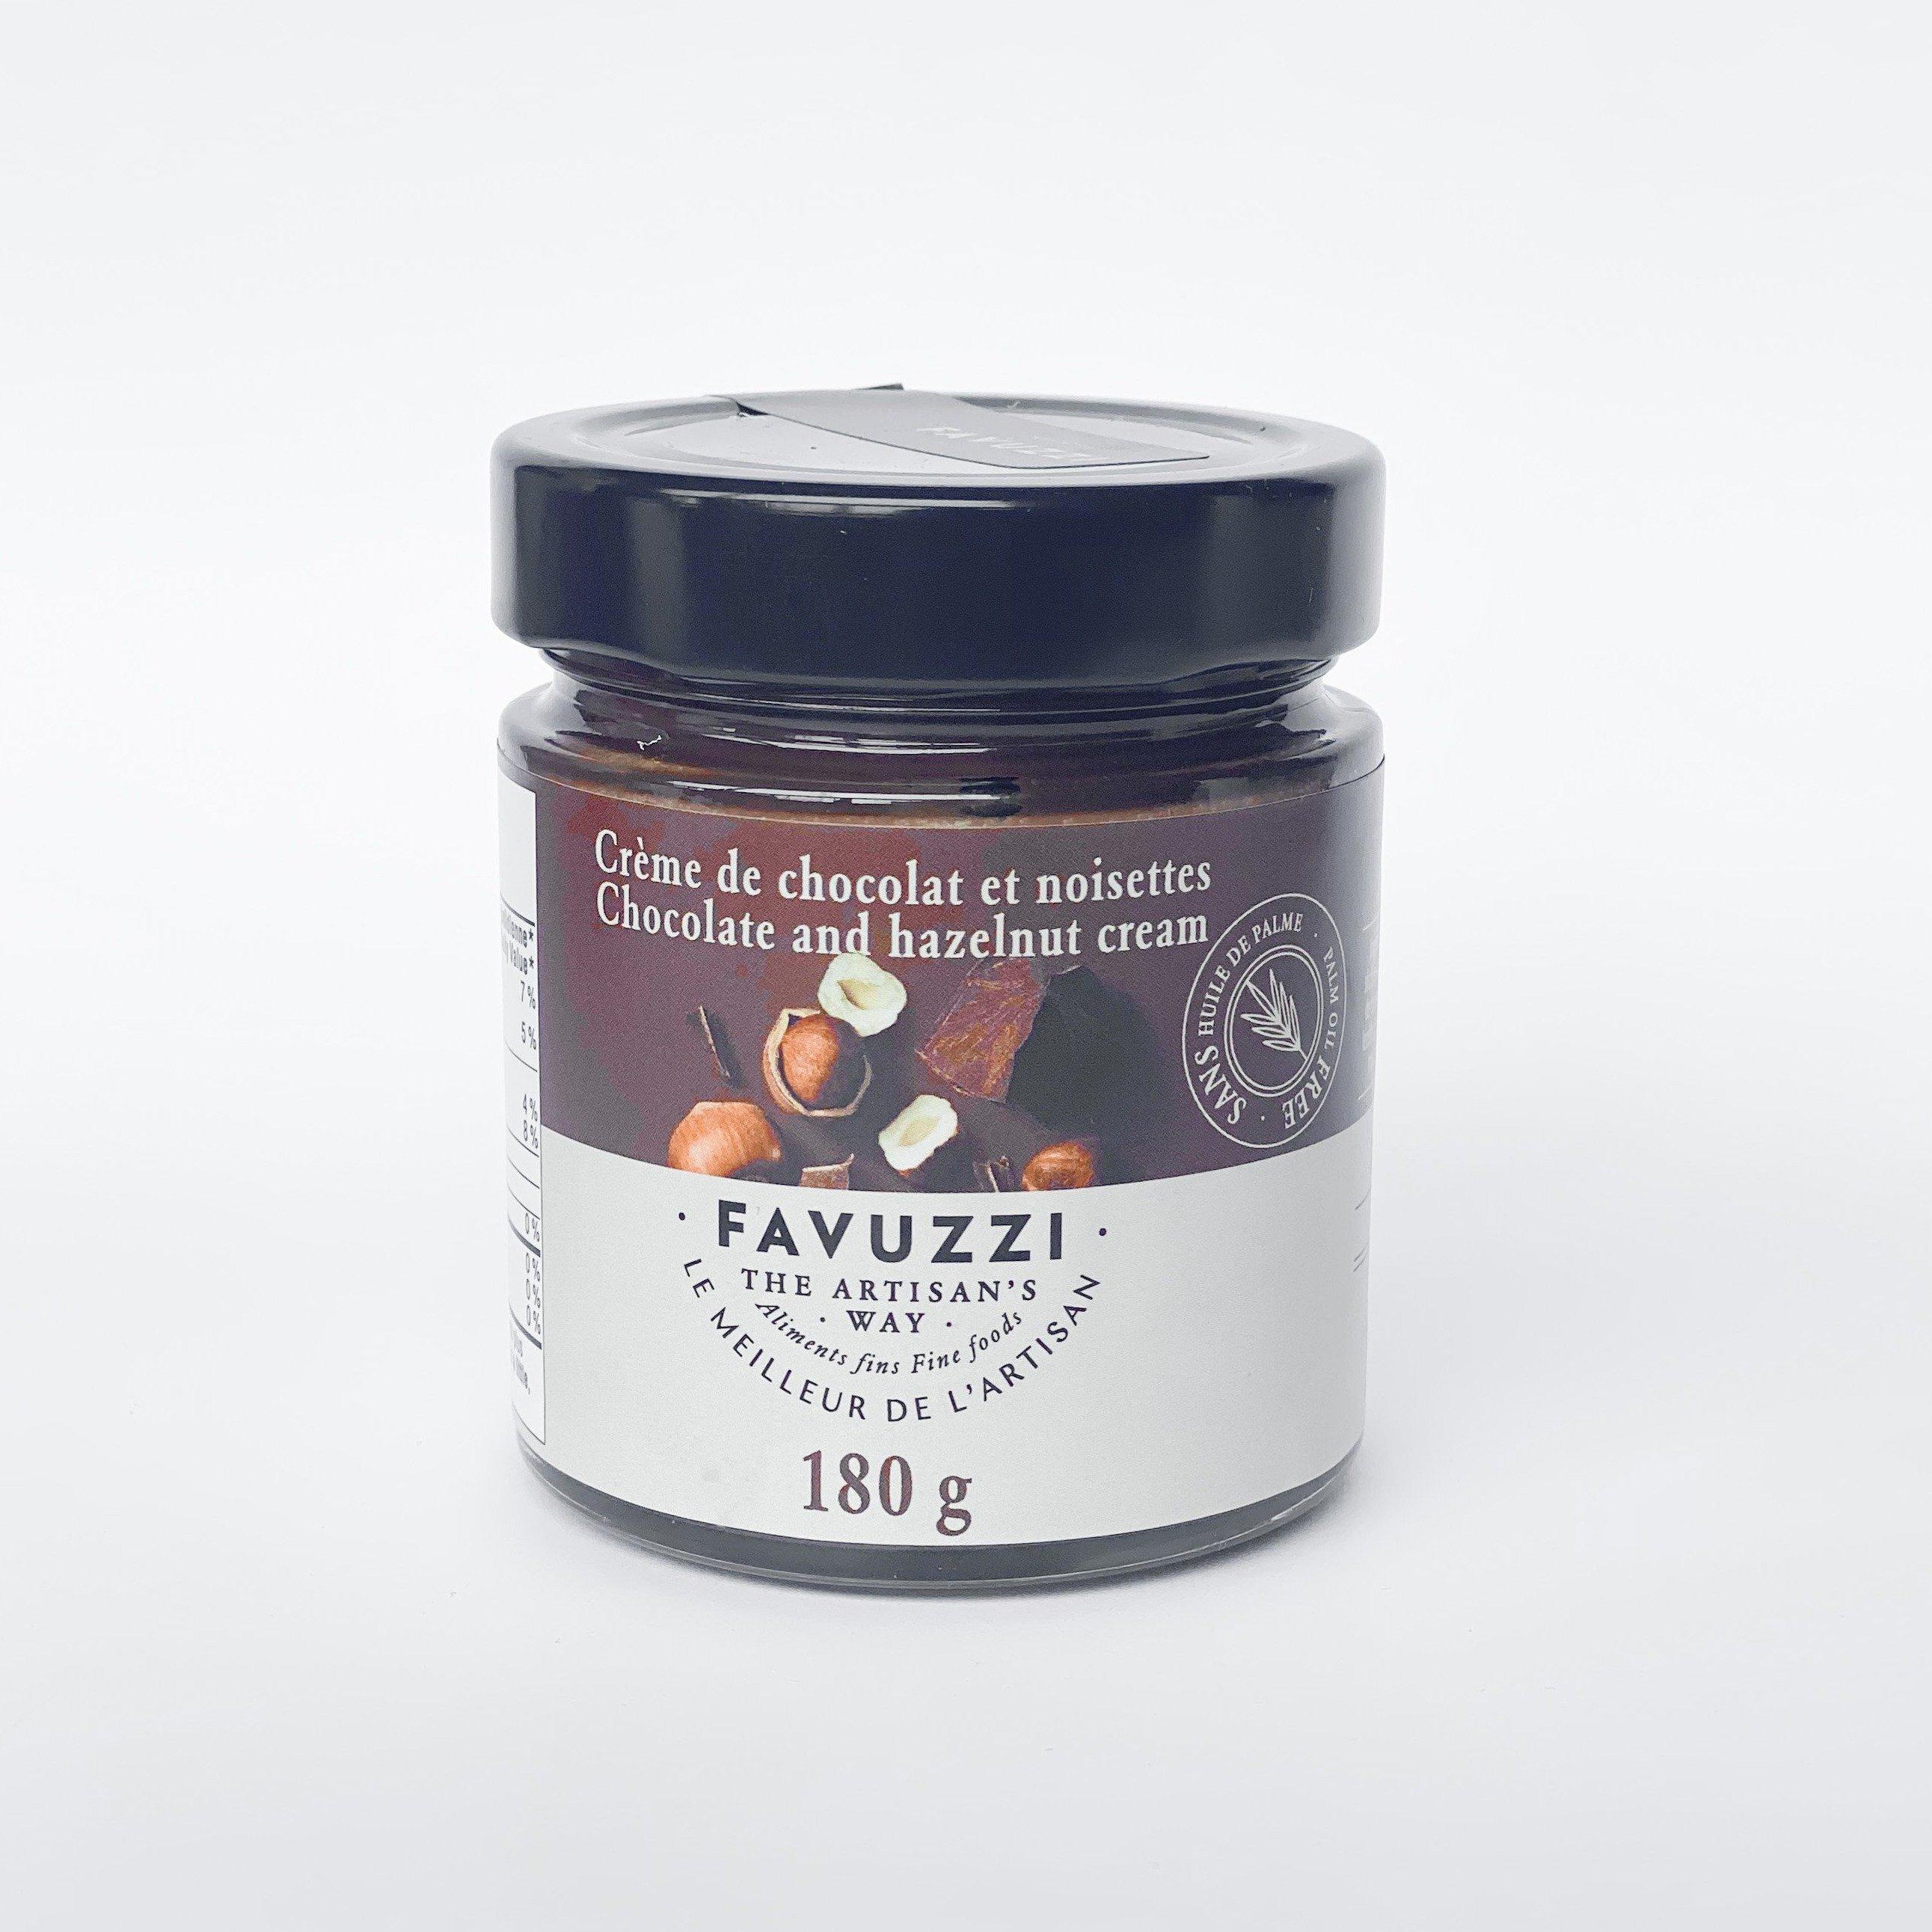 crème chocolat-noisettes - Favuzzi